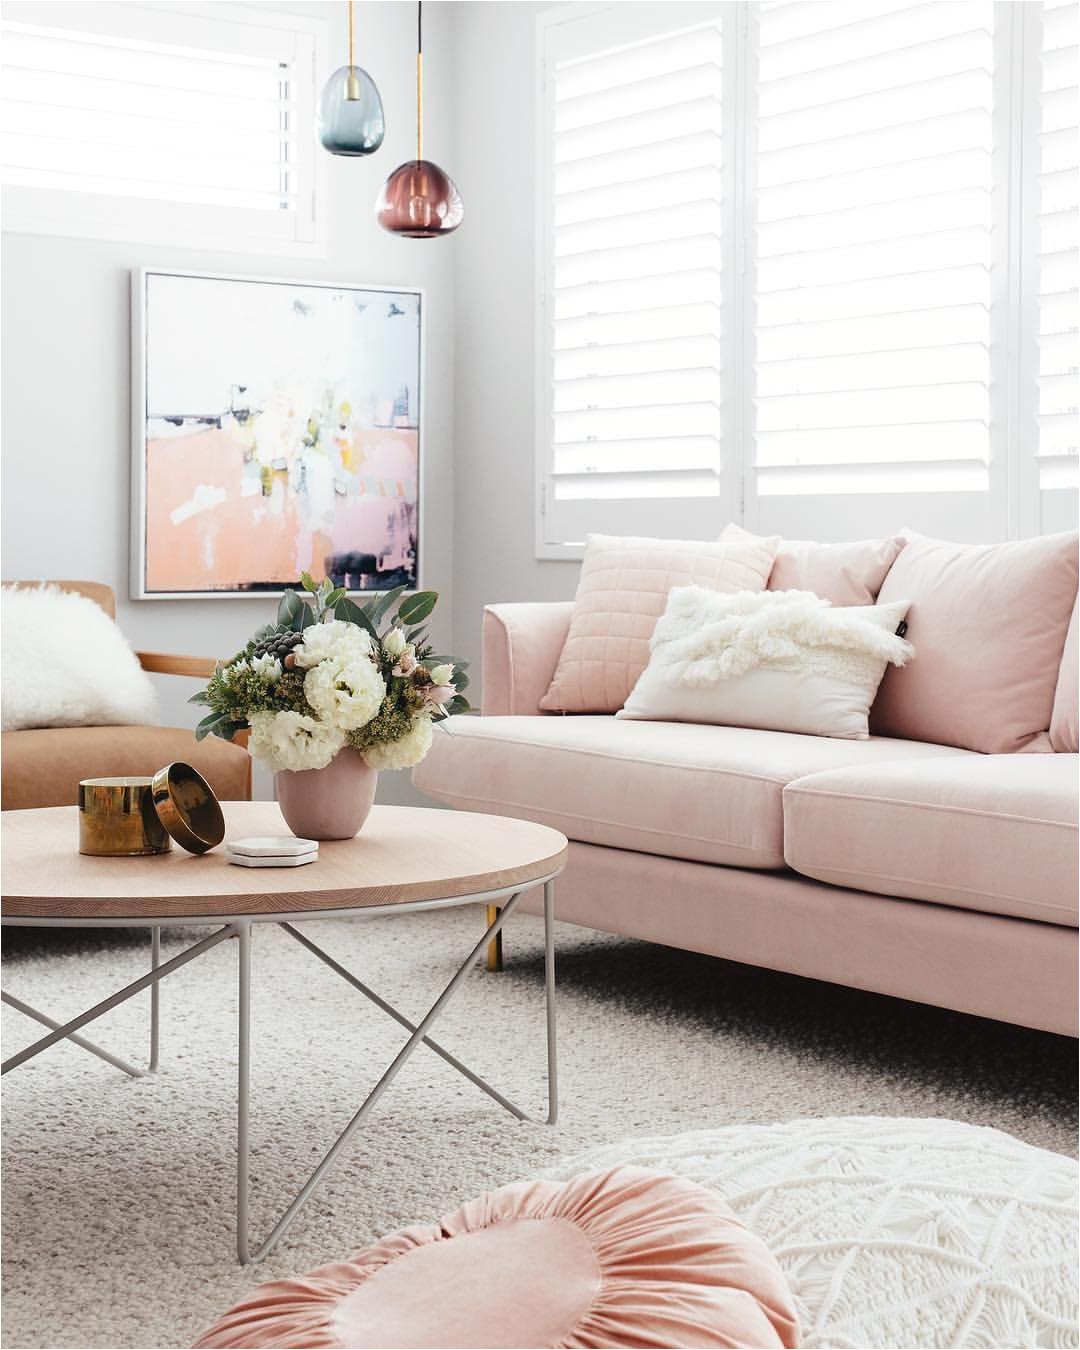 casas coloridas casas bonitas decoraciones para casa decoracia n de interiores sala de estar mesa centro apartamentos oficinas rosa palido